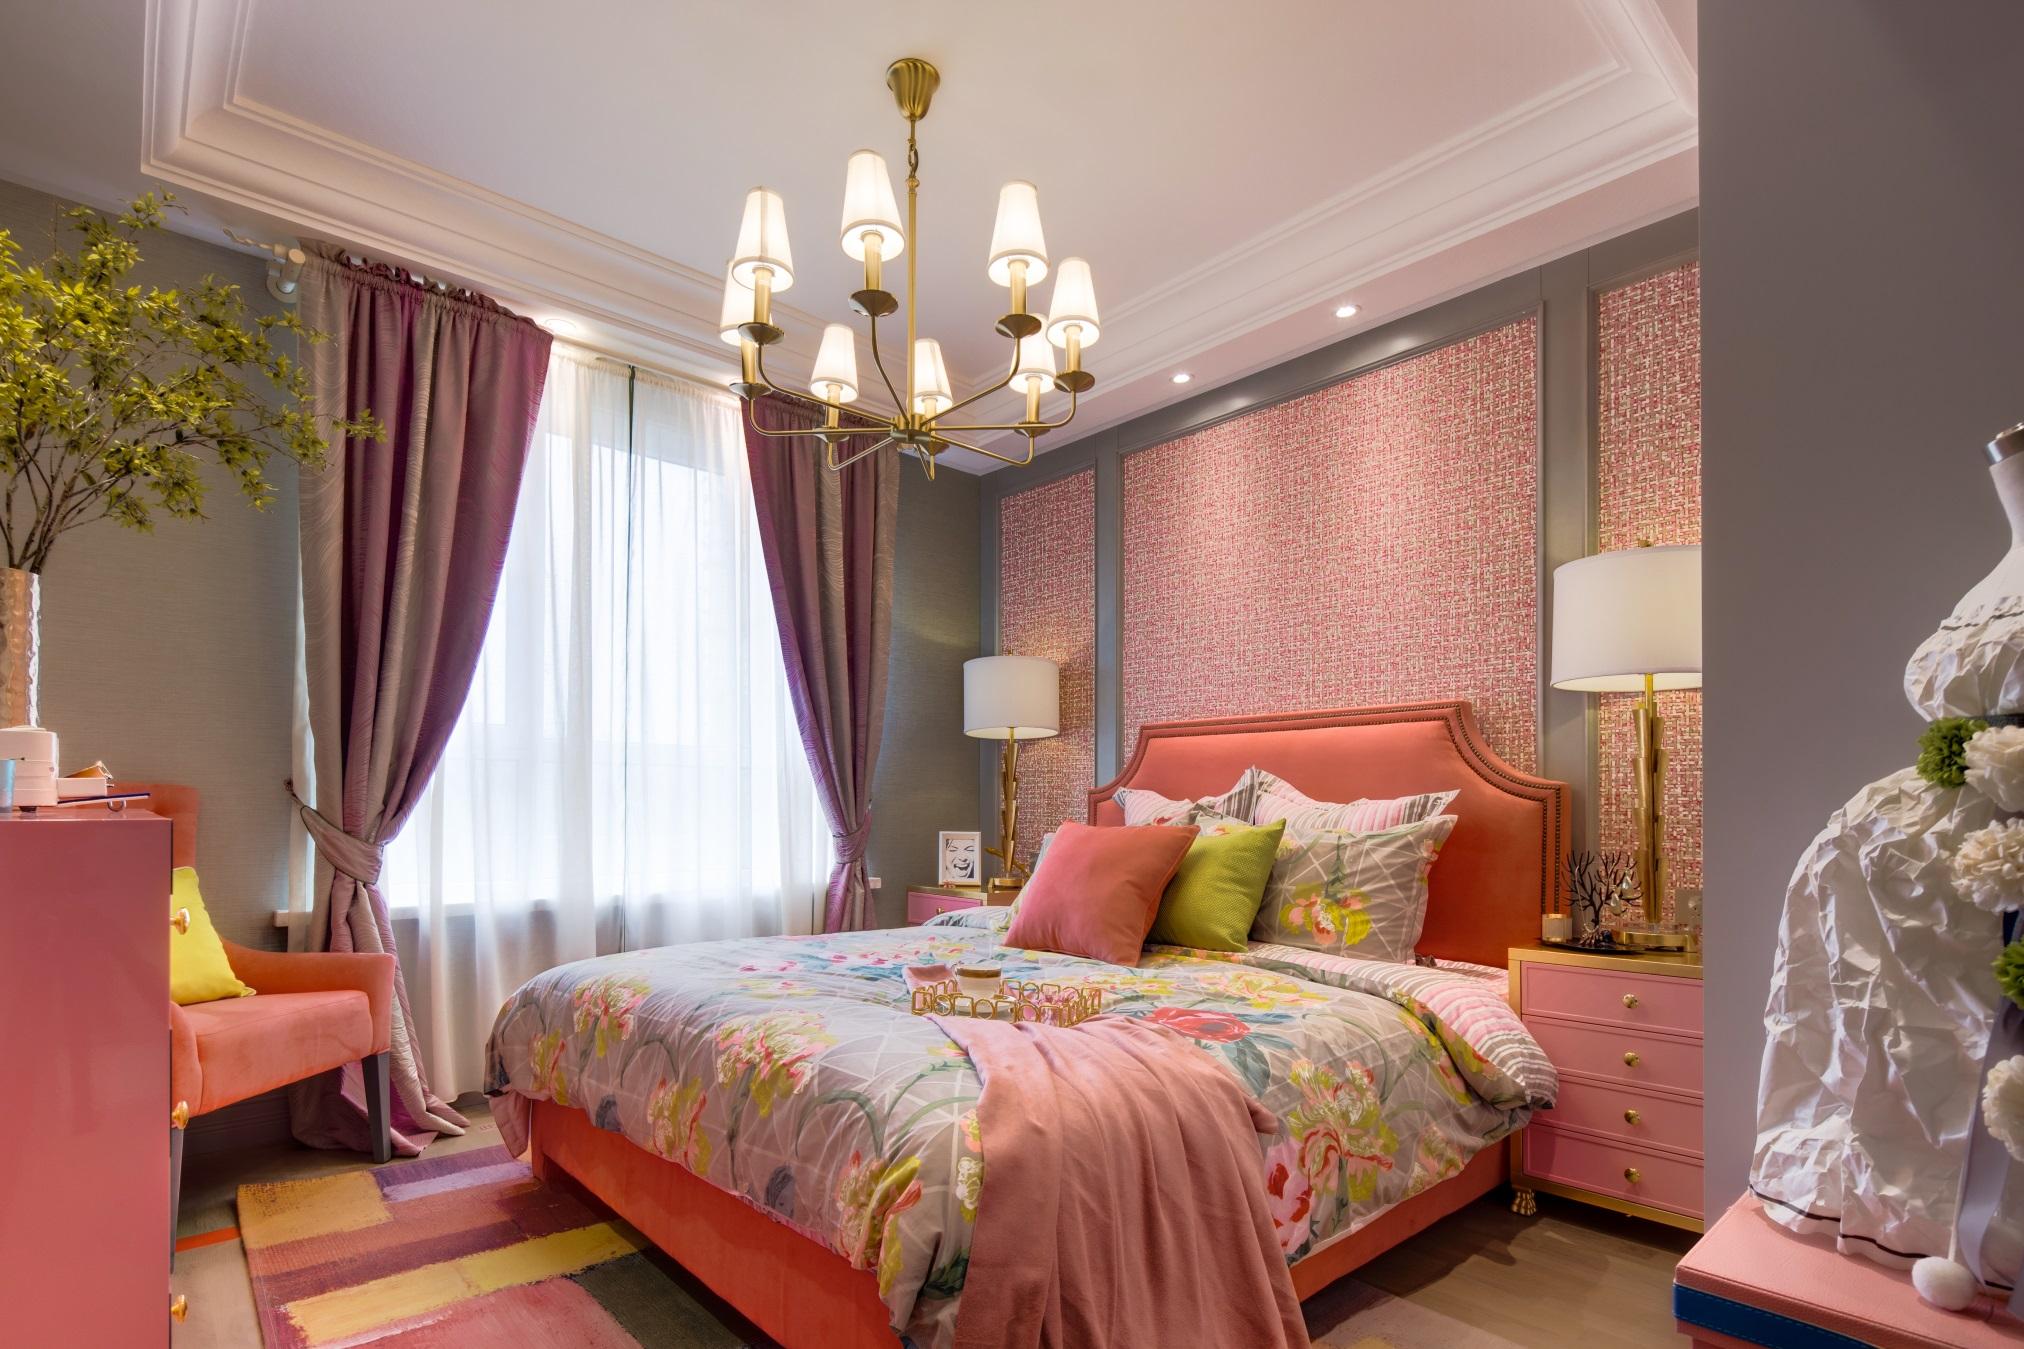 粉色调的欧式卧室带来浪漫之感,通透的白色纱帘为空间带来轻飘的美感。